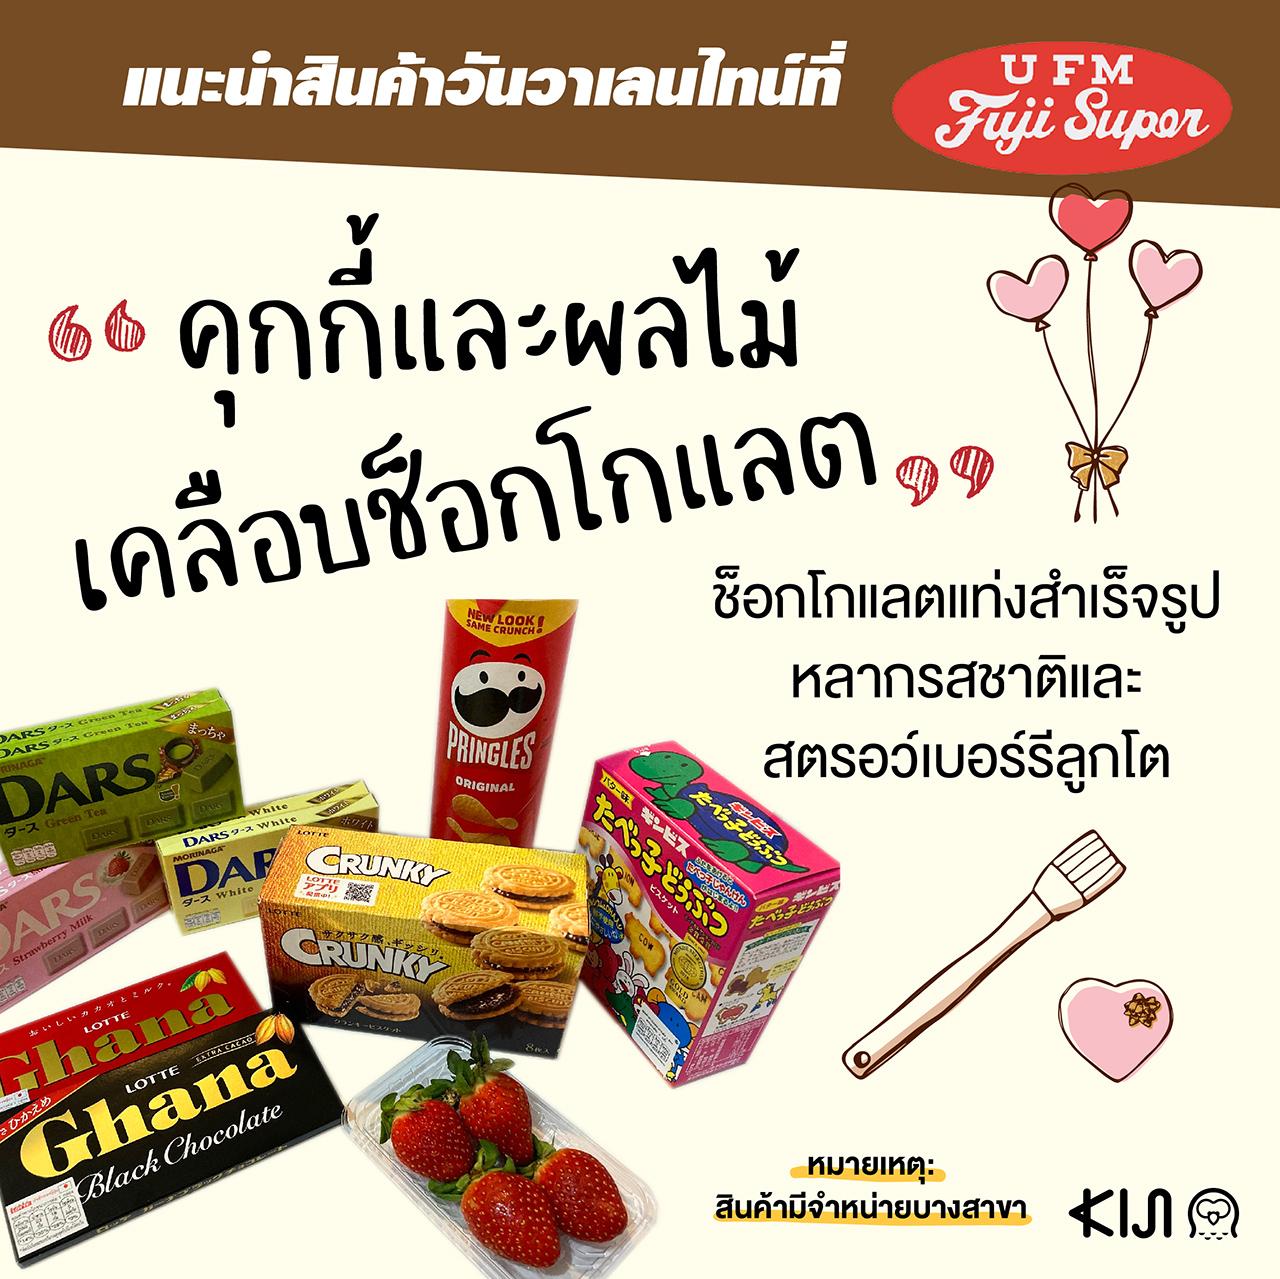 วันวาเลนไทน์ ญี่ปุ่น และ สินค้าวันวาเลนไทน์ที่ UFM Fuji Super - คุกกี้และผลไม้เคลือบช็อกโกแลต